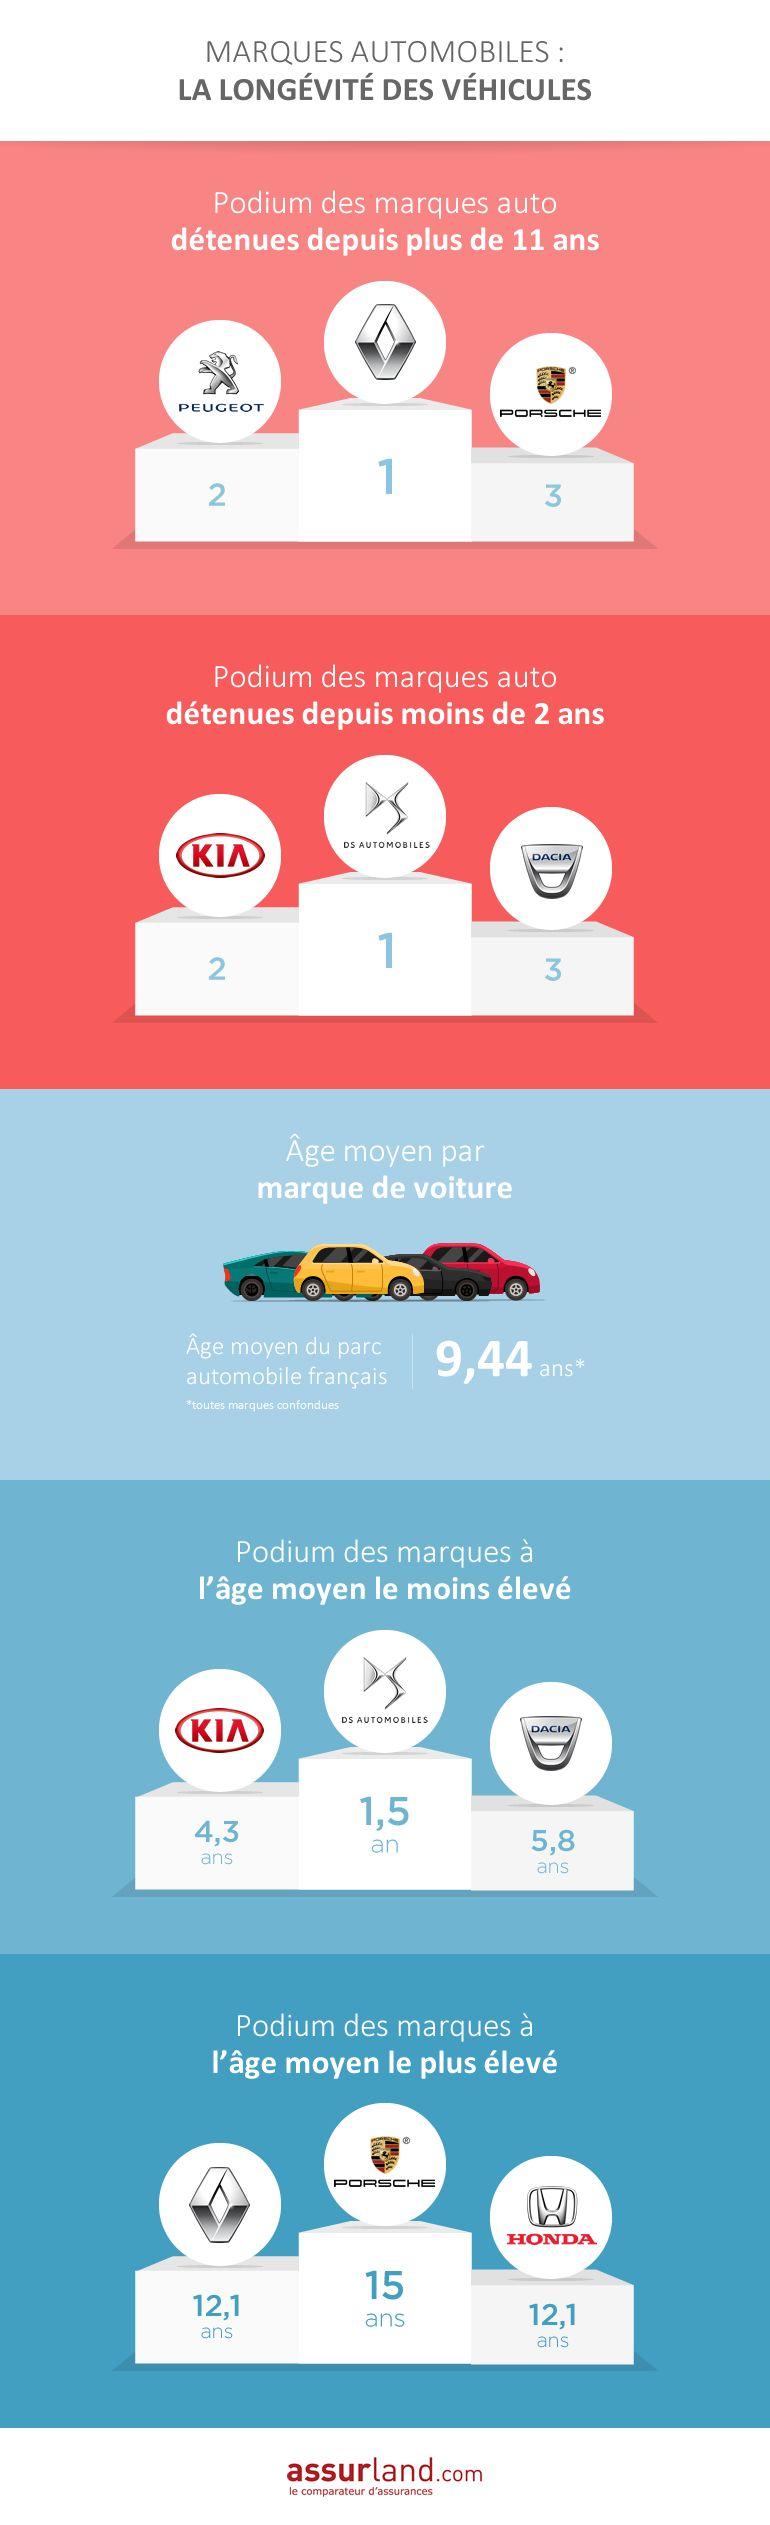 Marques auto: la longévité des véhicules